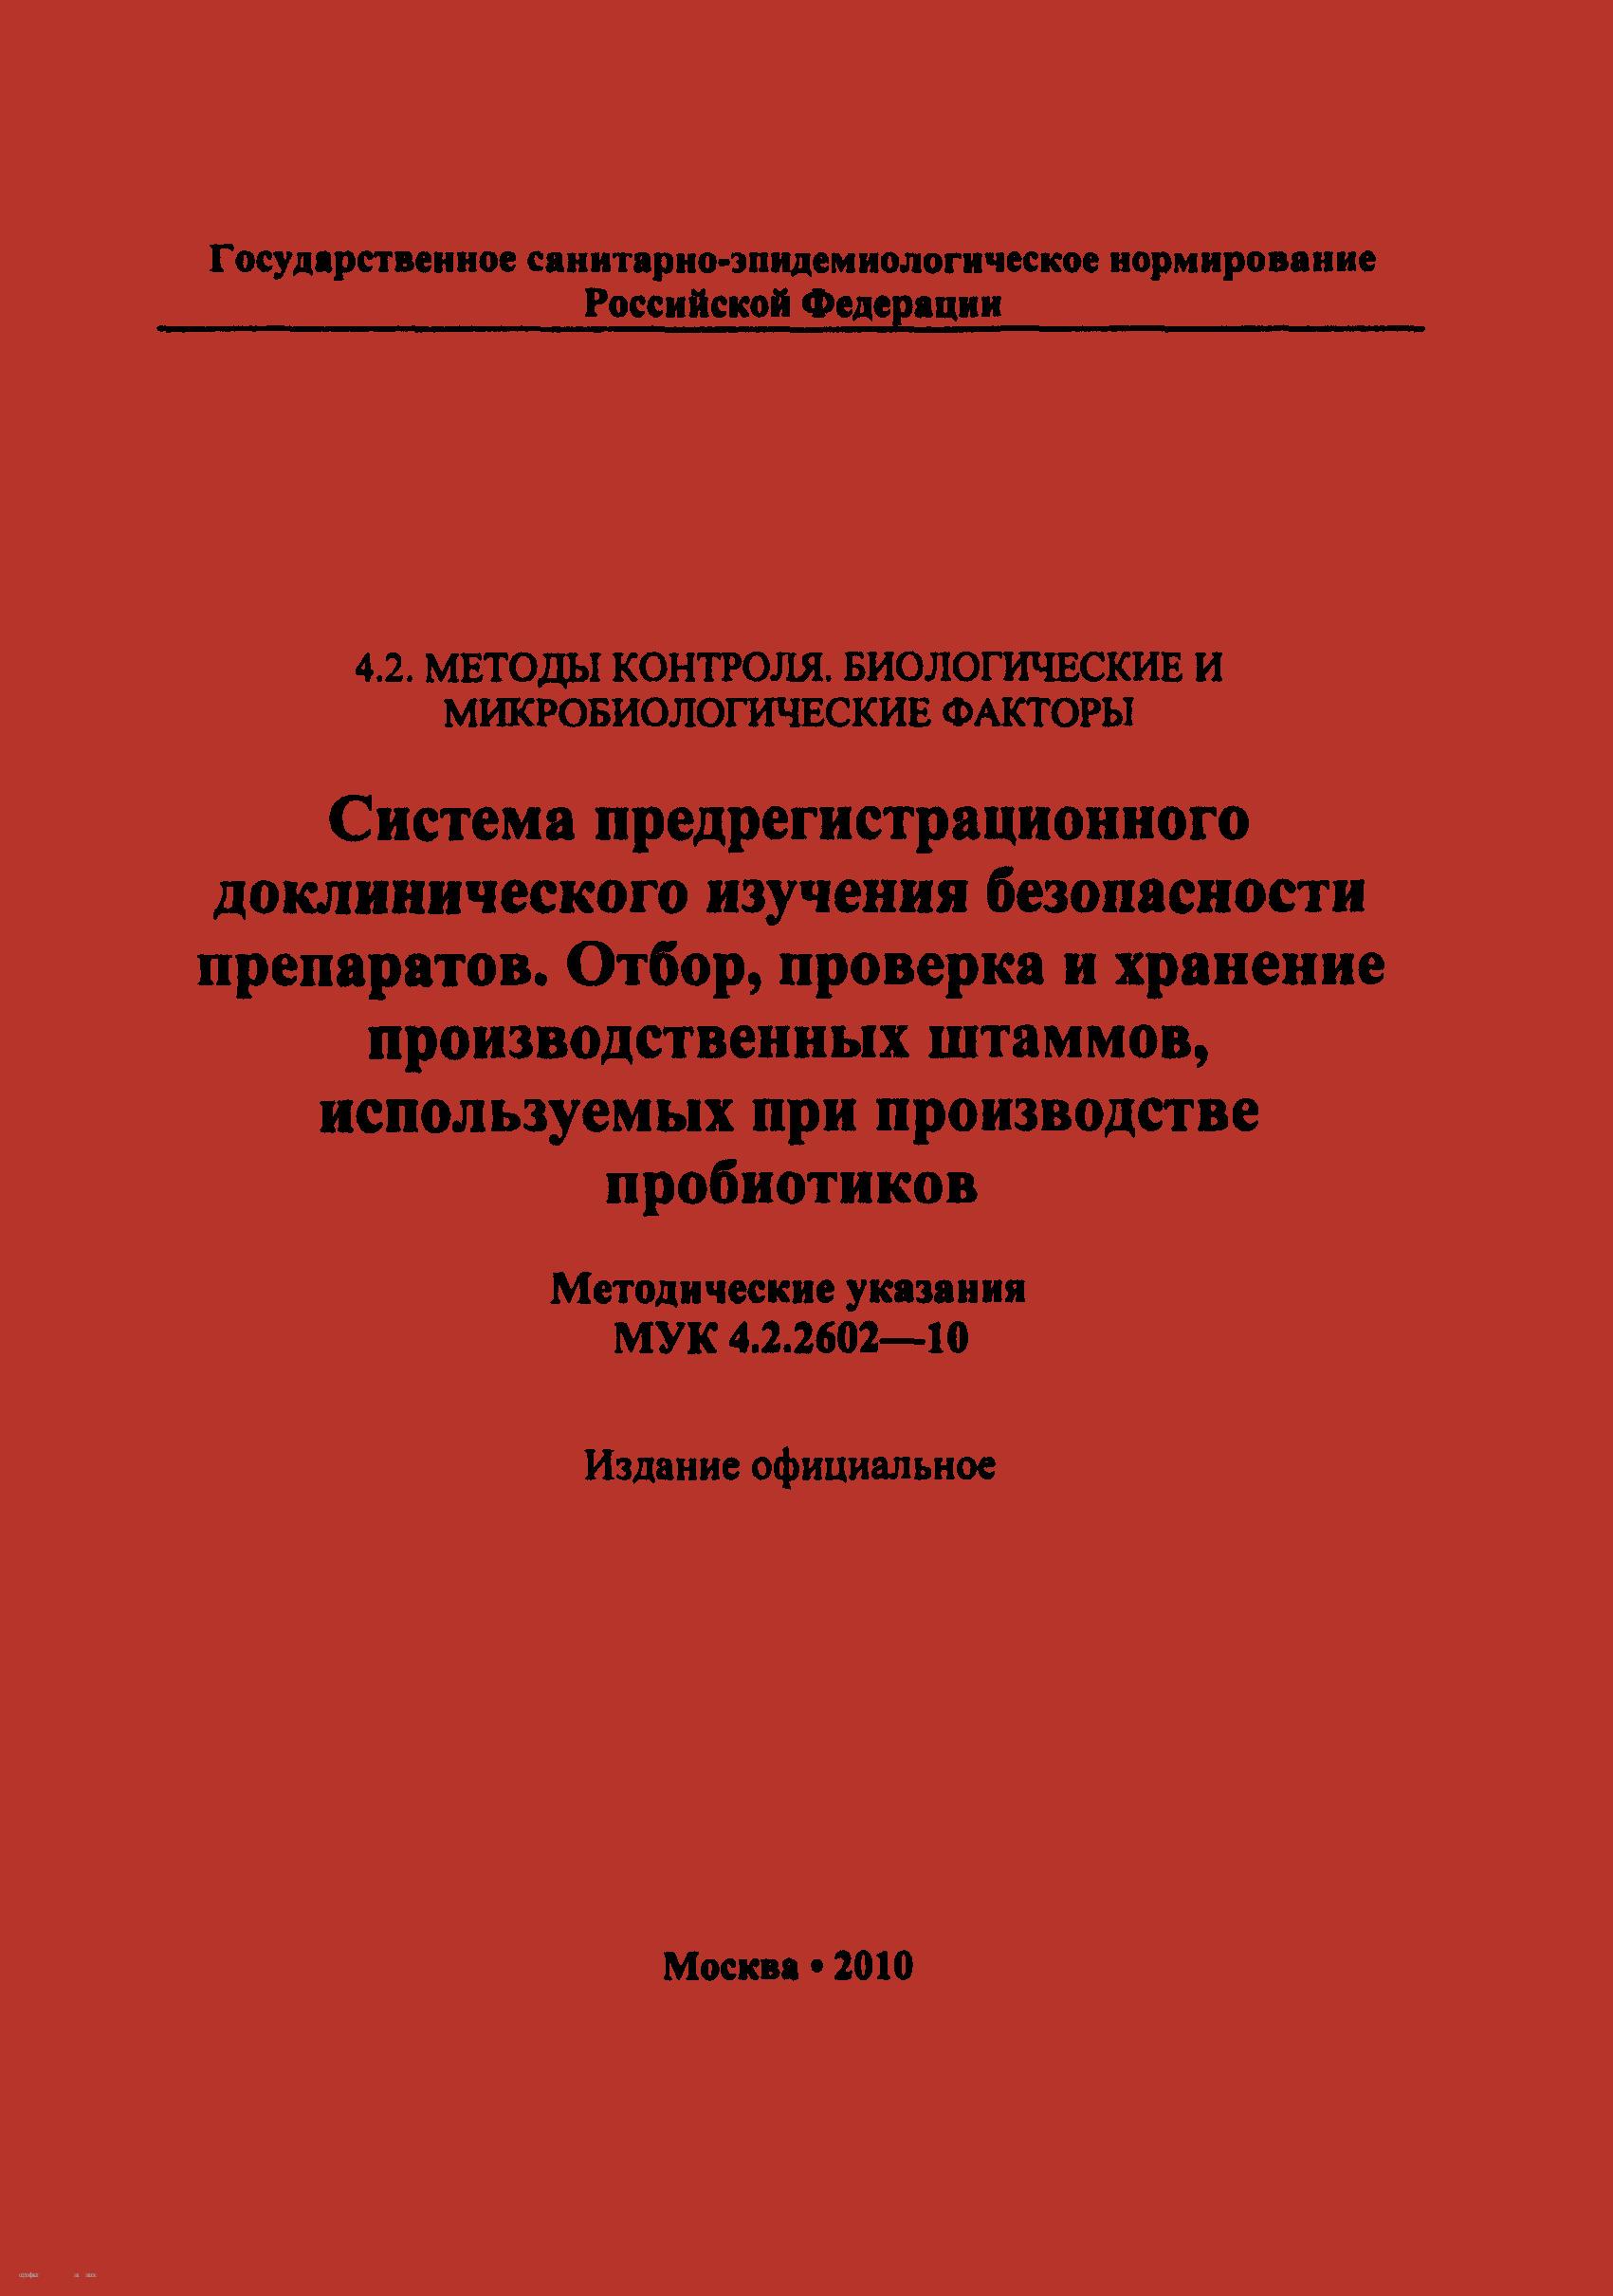 МУК 4.2.2602-10 Система предрегистрационного доклинического изучения безопасности препаратов. Отбор, проверка и хранение производственных штаммов, используемых при производстве пробиотиков